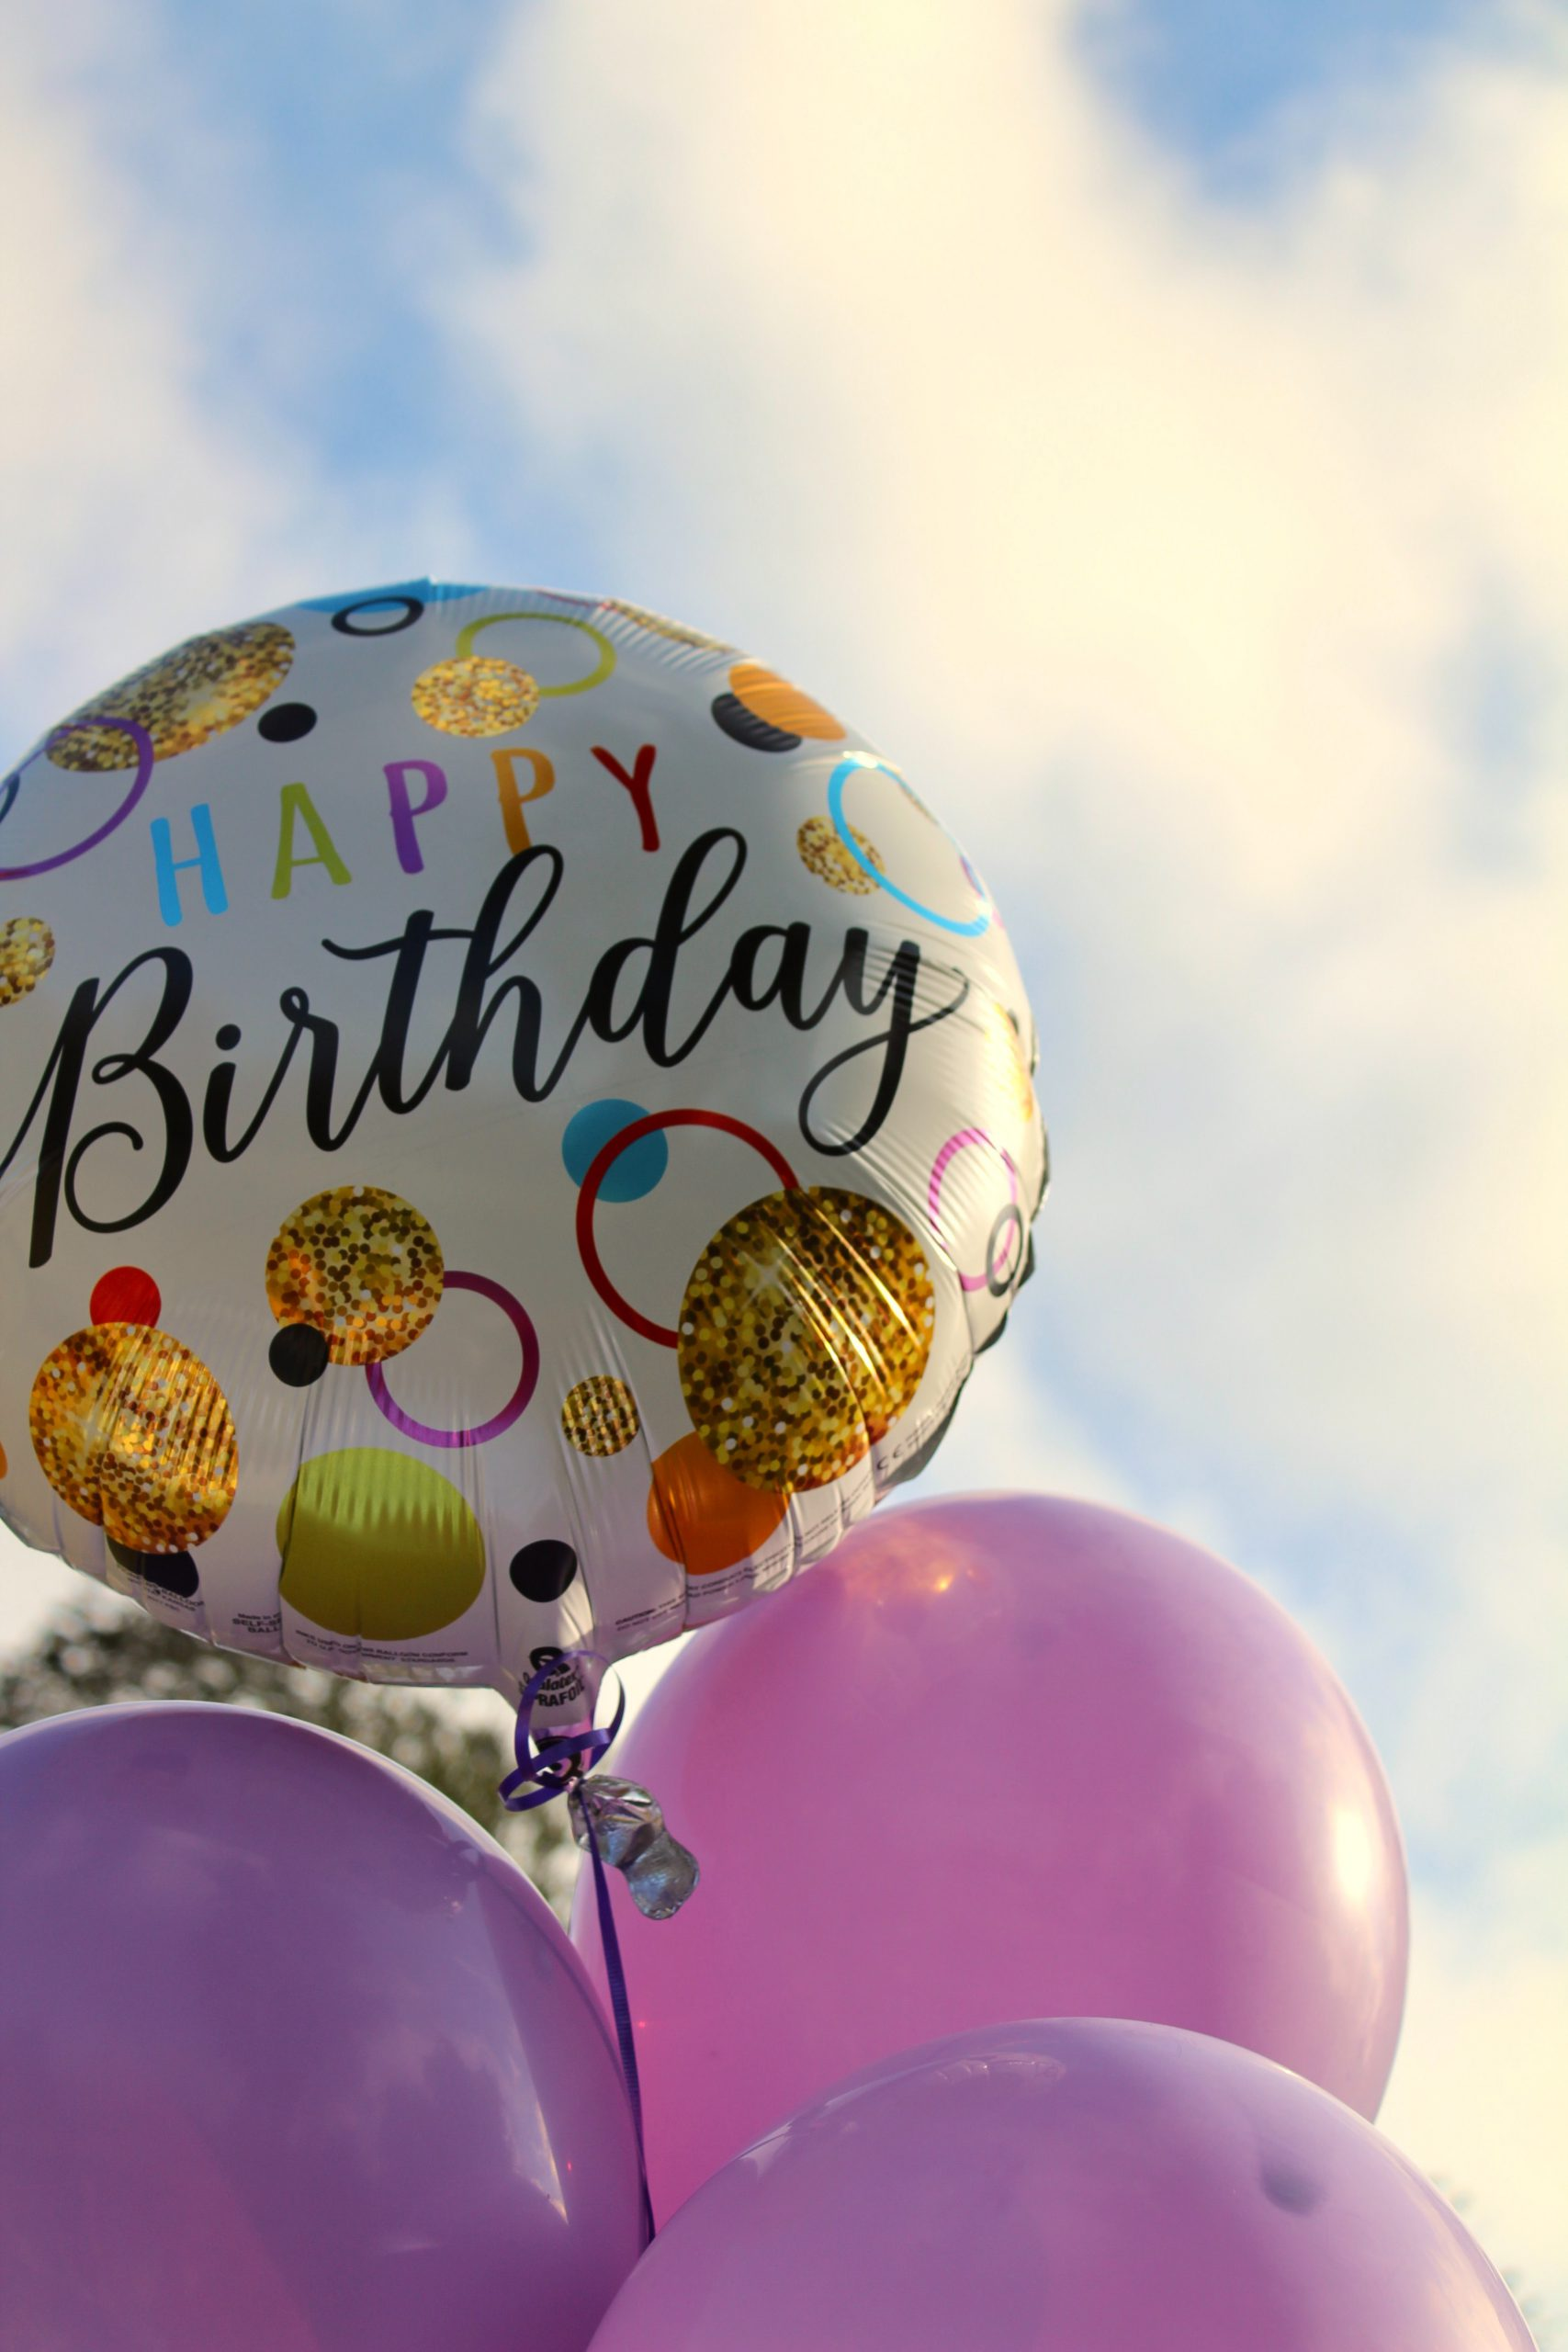 Внимание, рожден ден!